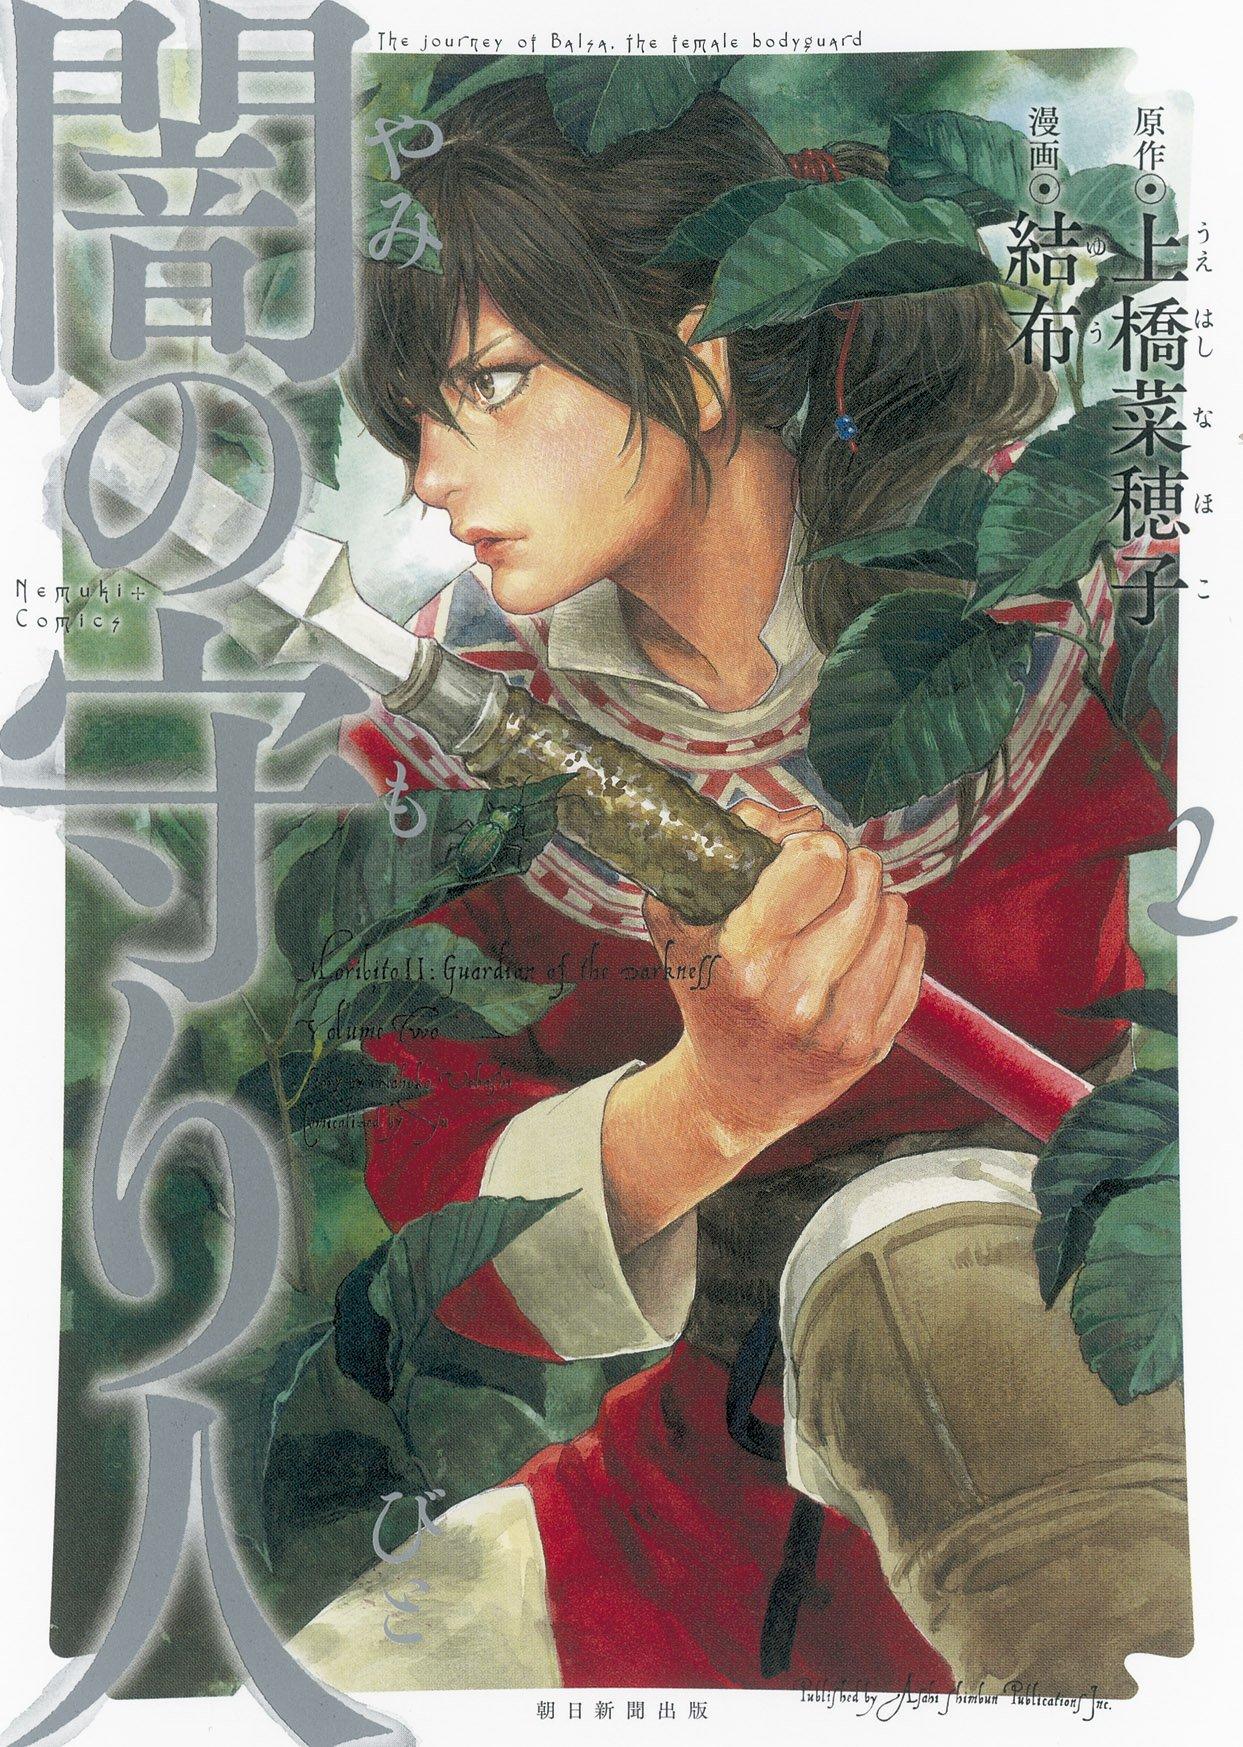 闇の守り人 2 Nemukiコミックス 上橋菜穂子 結布 本 通販 Amazon